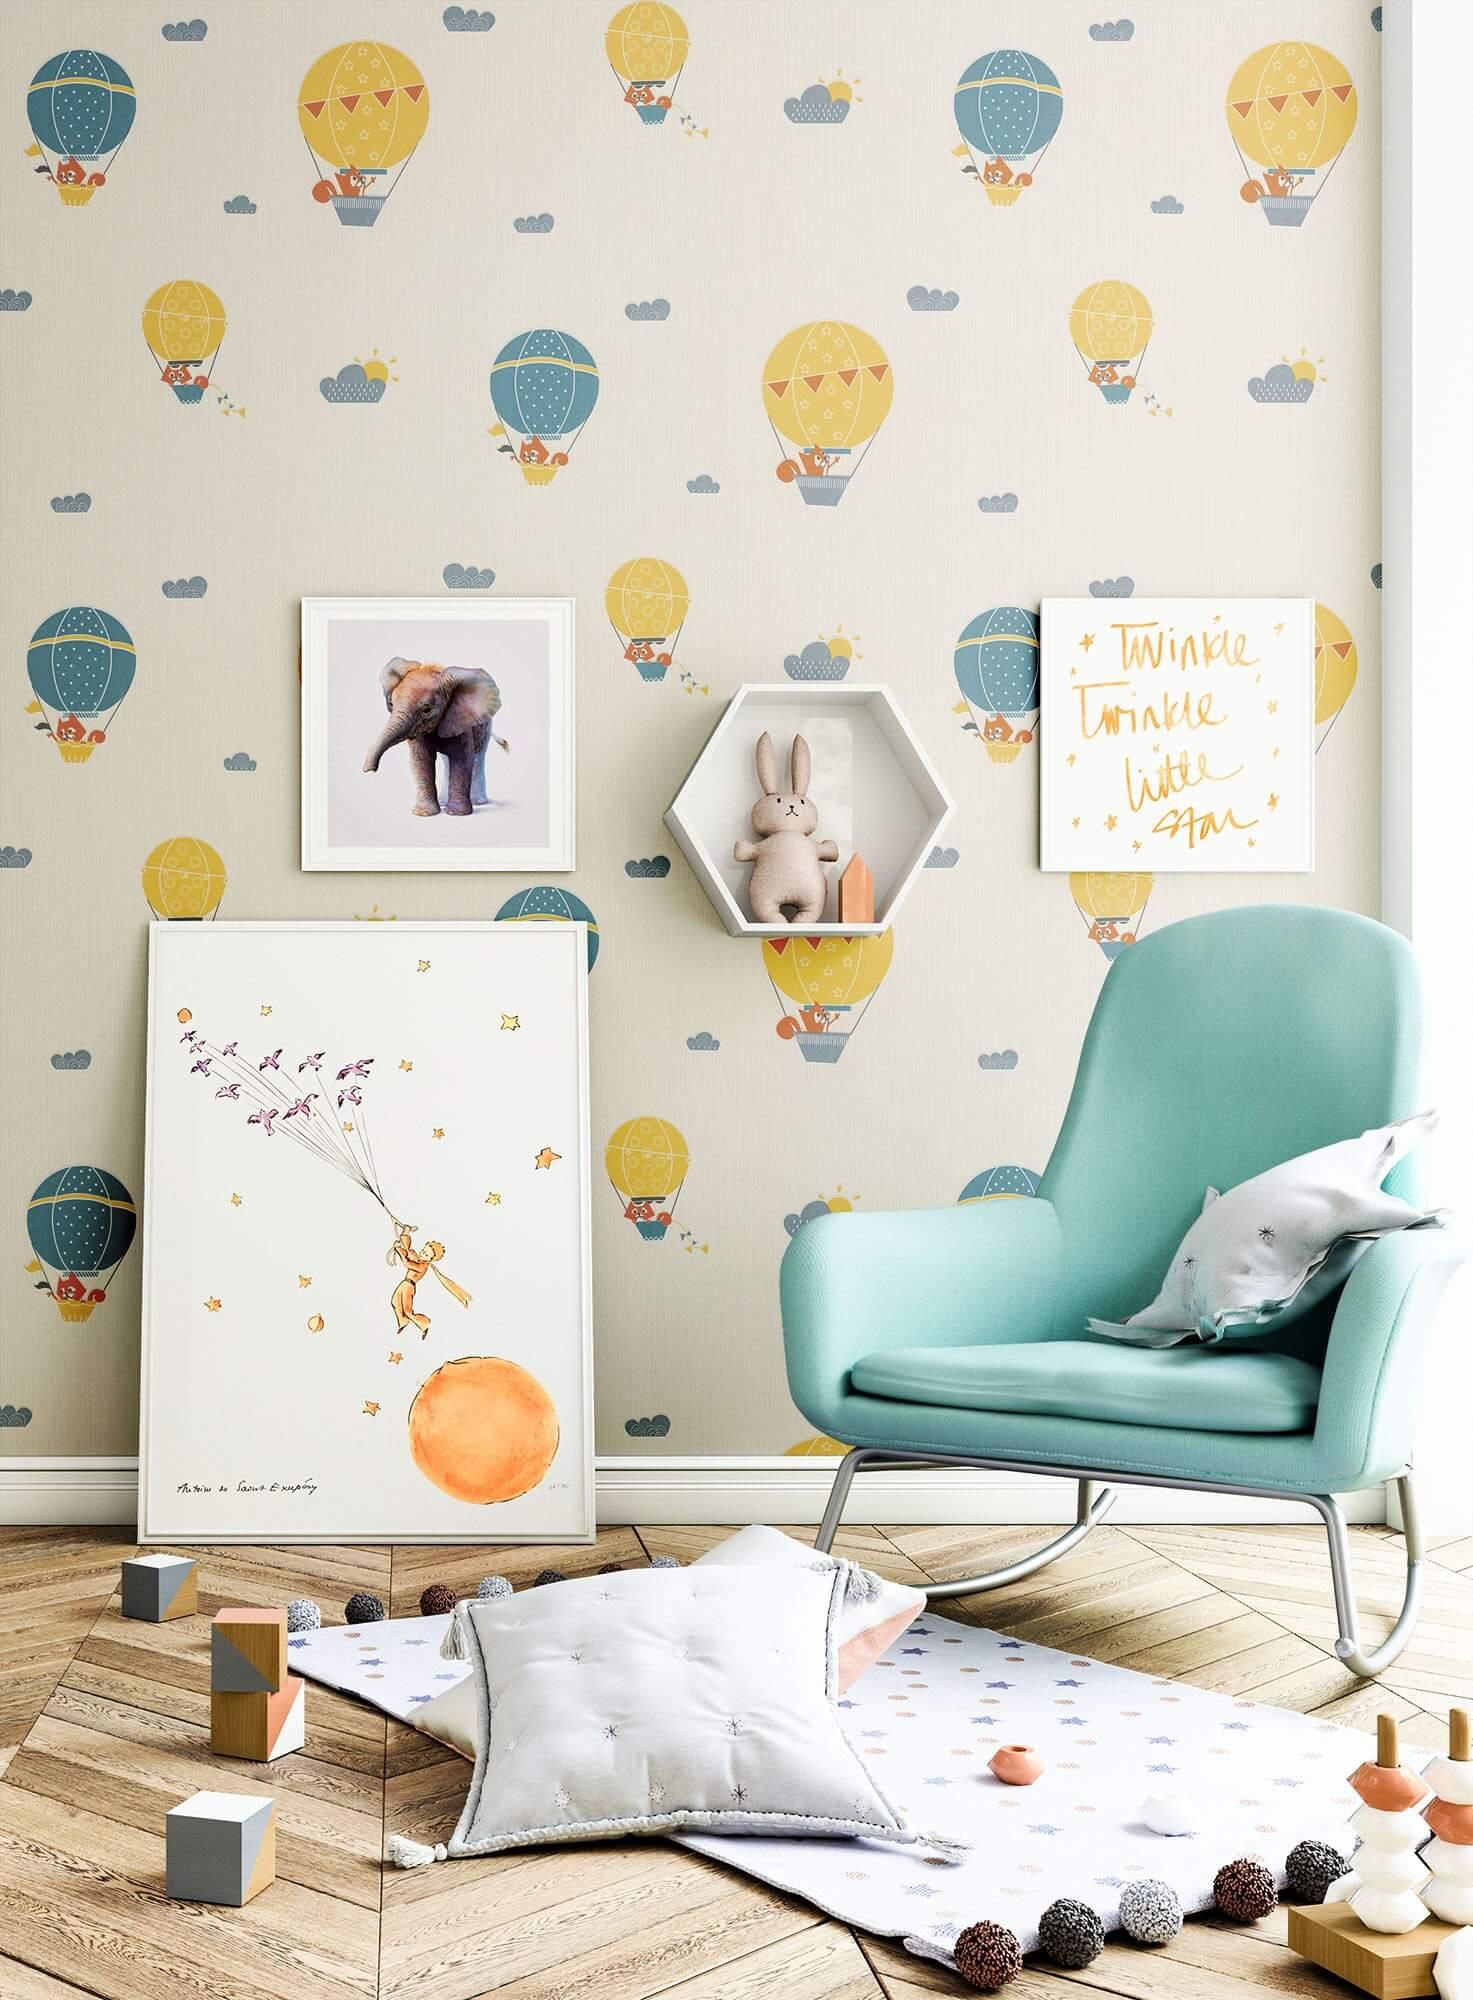 NEWROOM Kindertapete Vliestapete Creme Heißluftballon  Natur Blau  Kinderzimmer